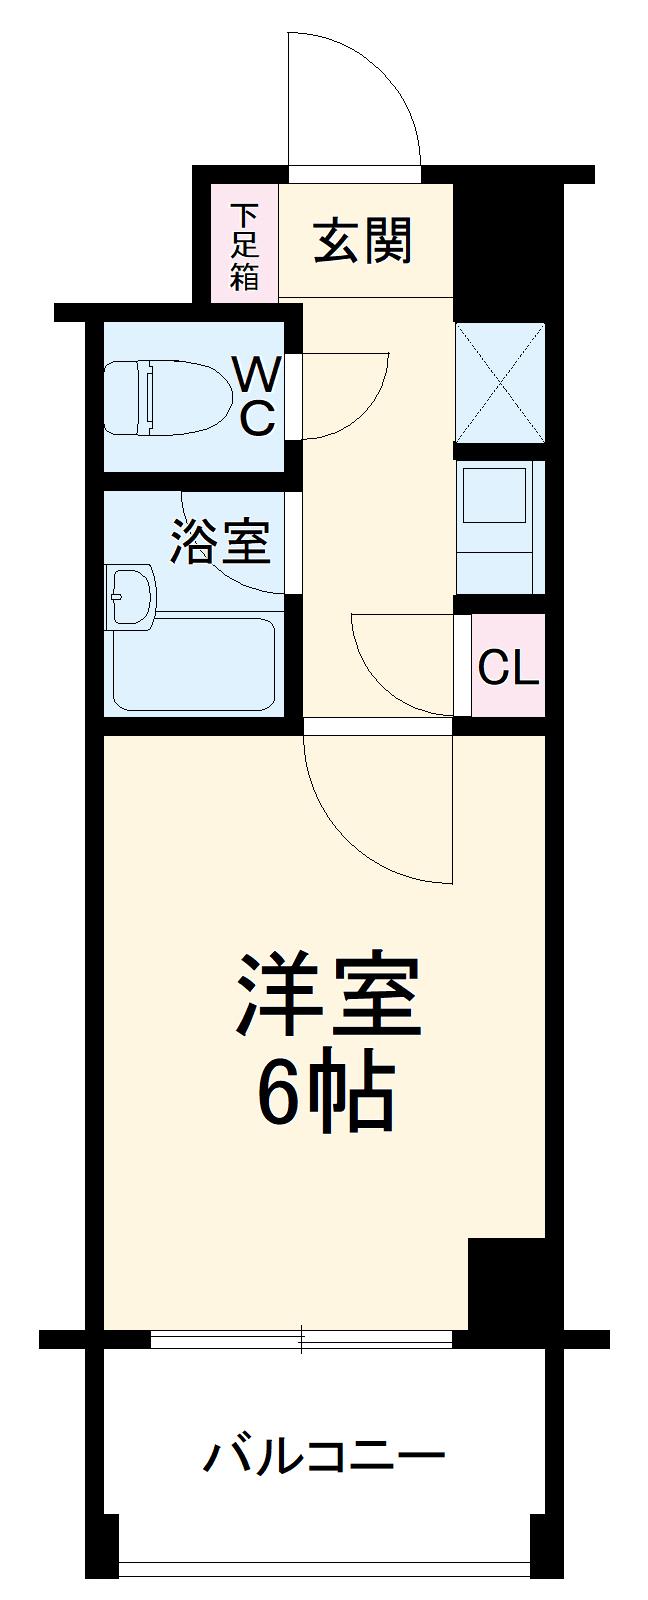 ダイナコート箱崎Ⅱ 602号室の間取り